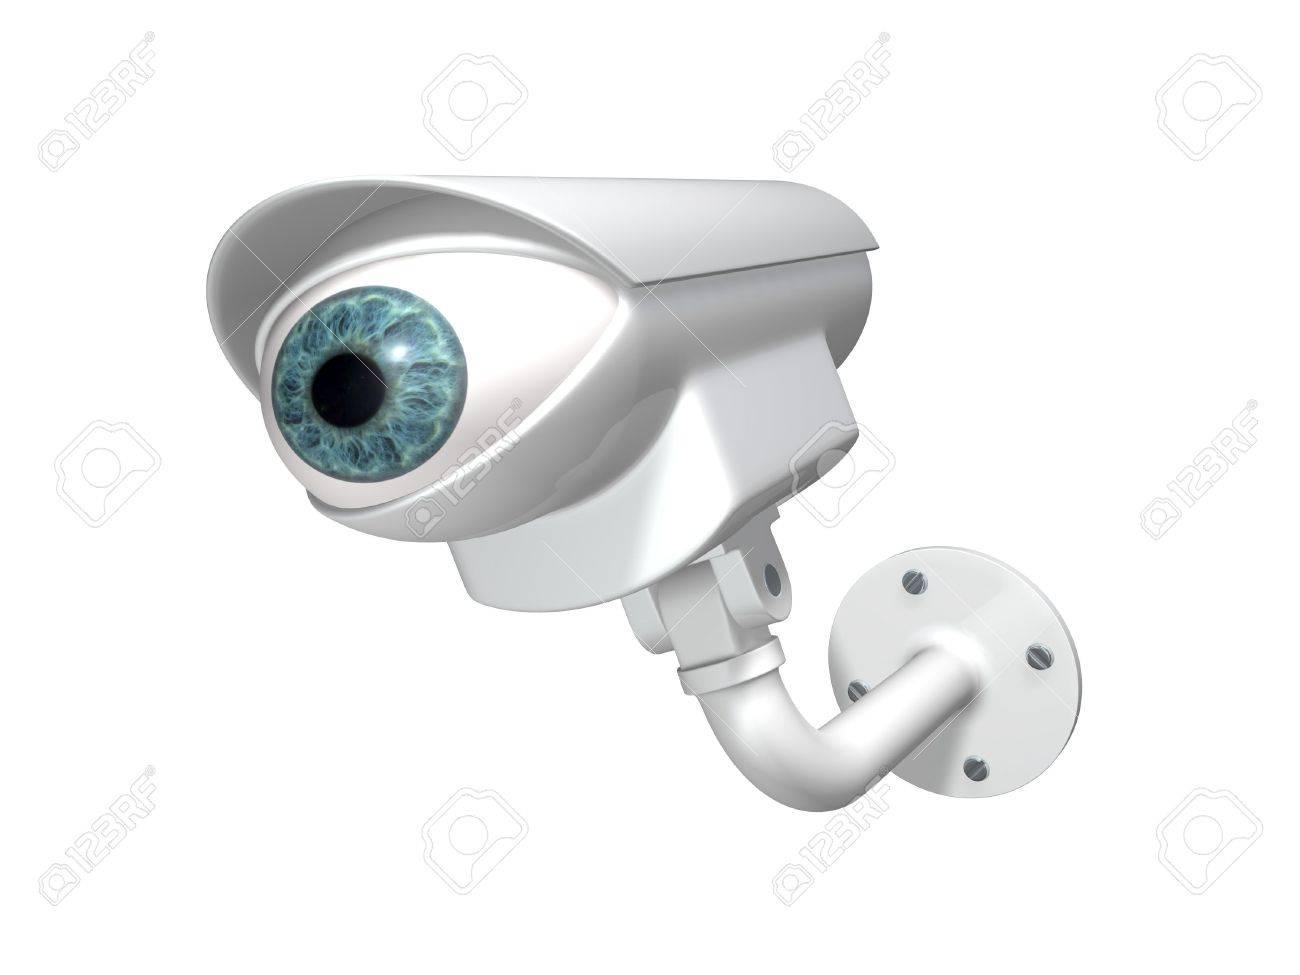 Скрытое наблюдение в ж туалете 25 фотография